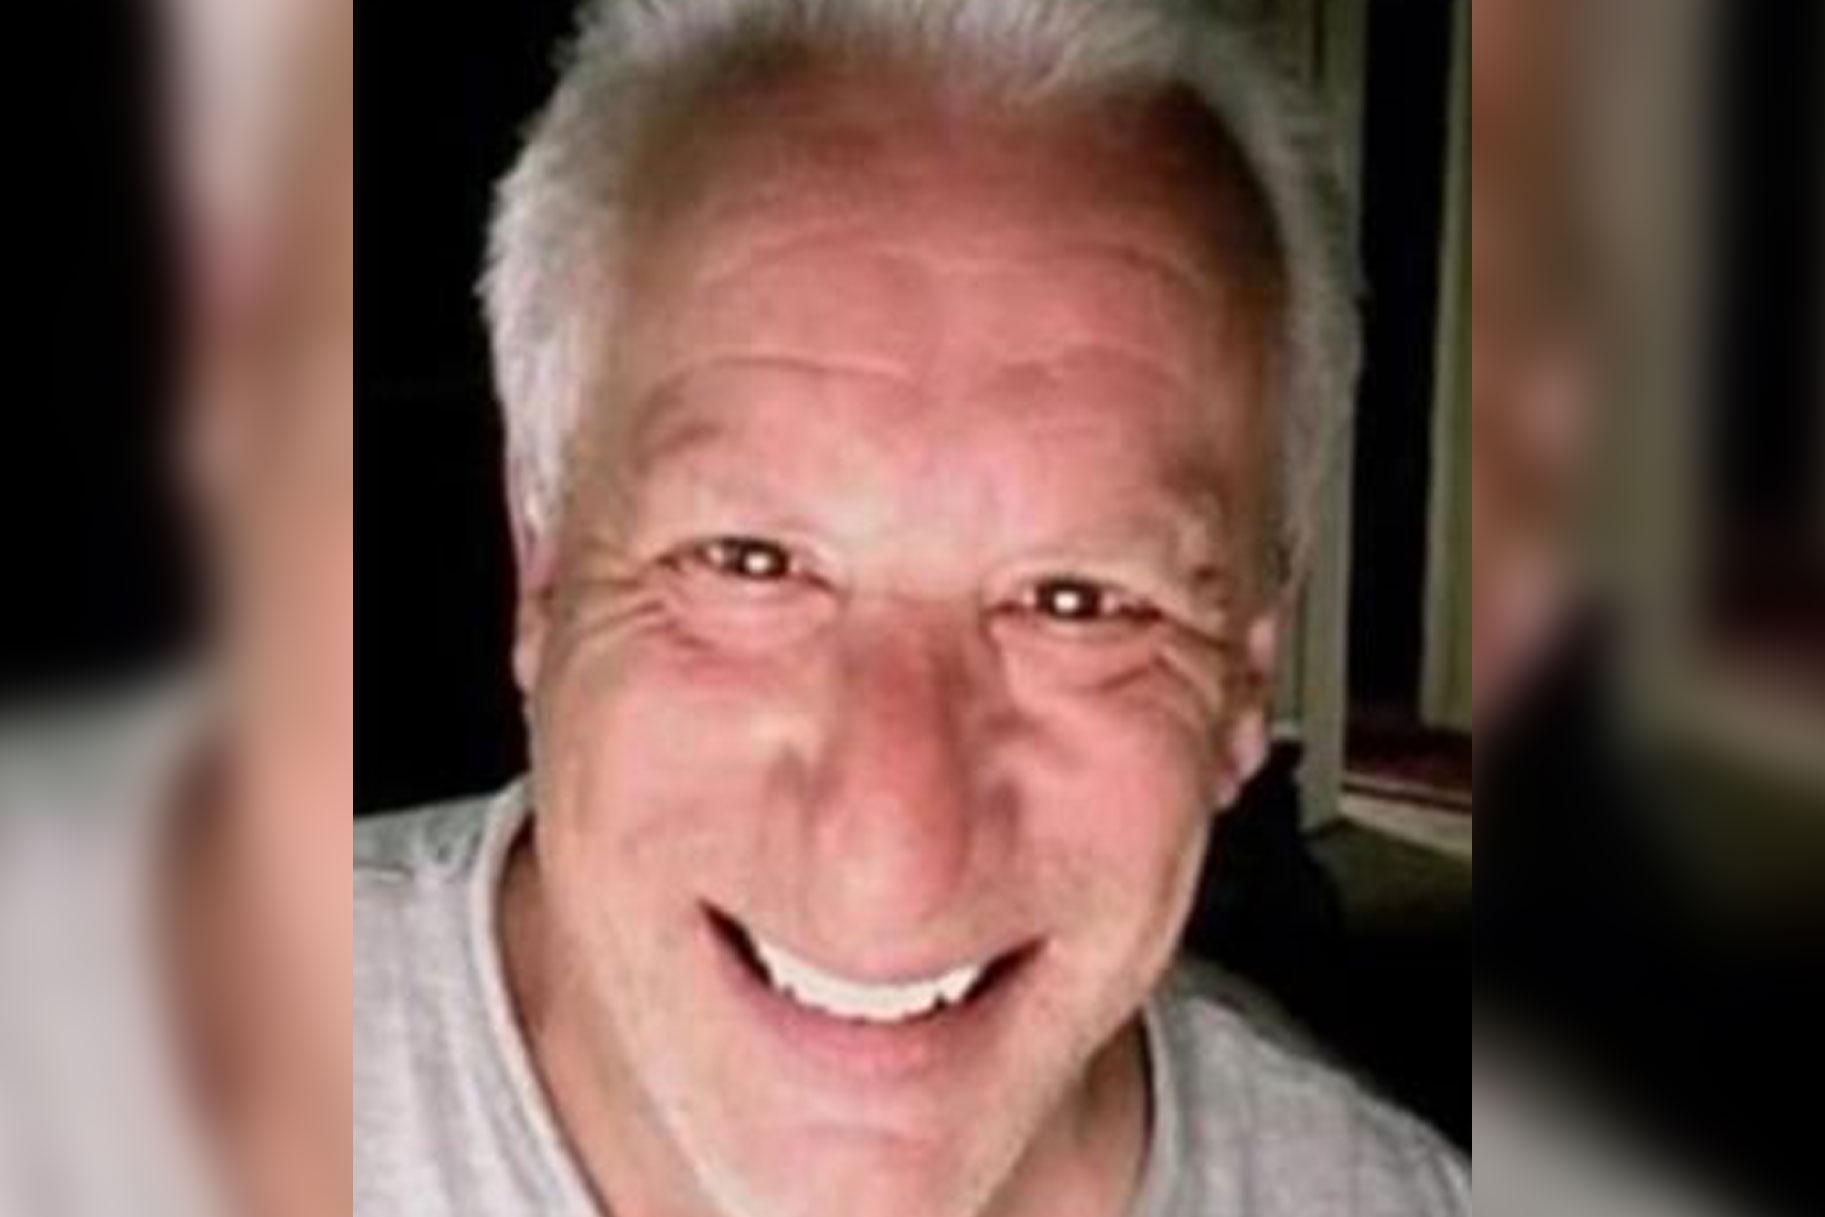 Se cree que los restos del actor desaparecido de Seinfeld se encontraron en Oregón